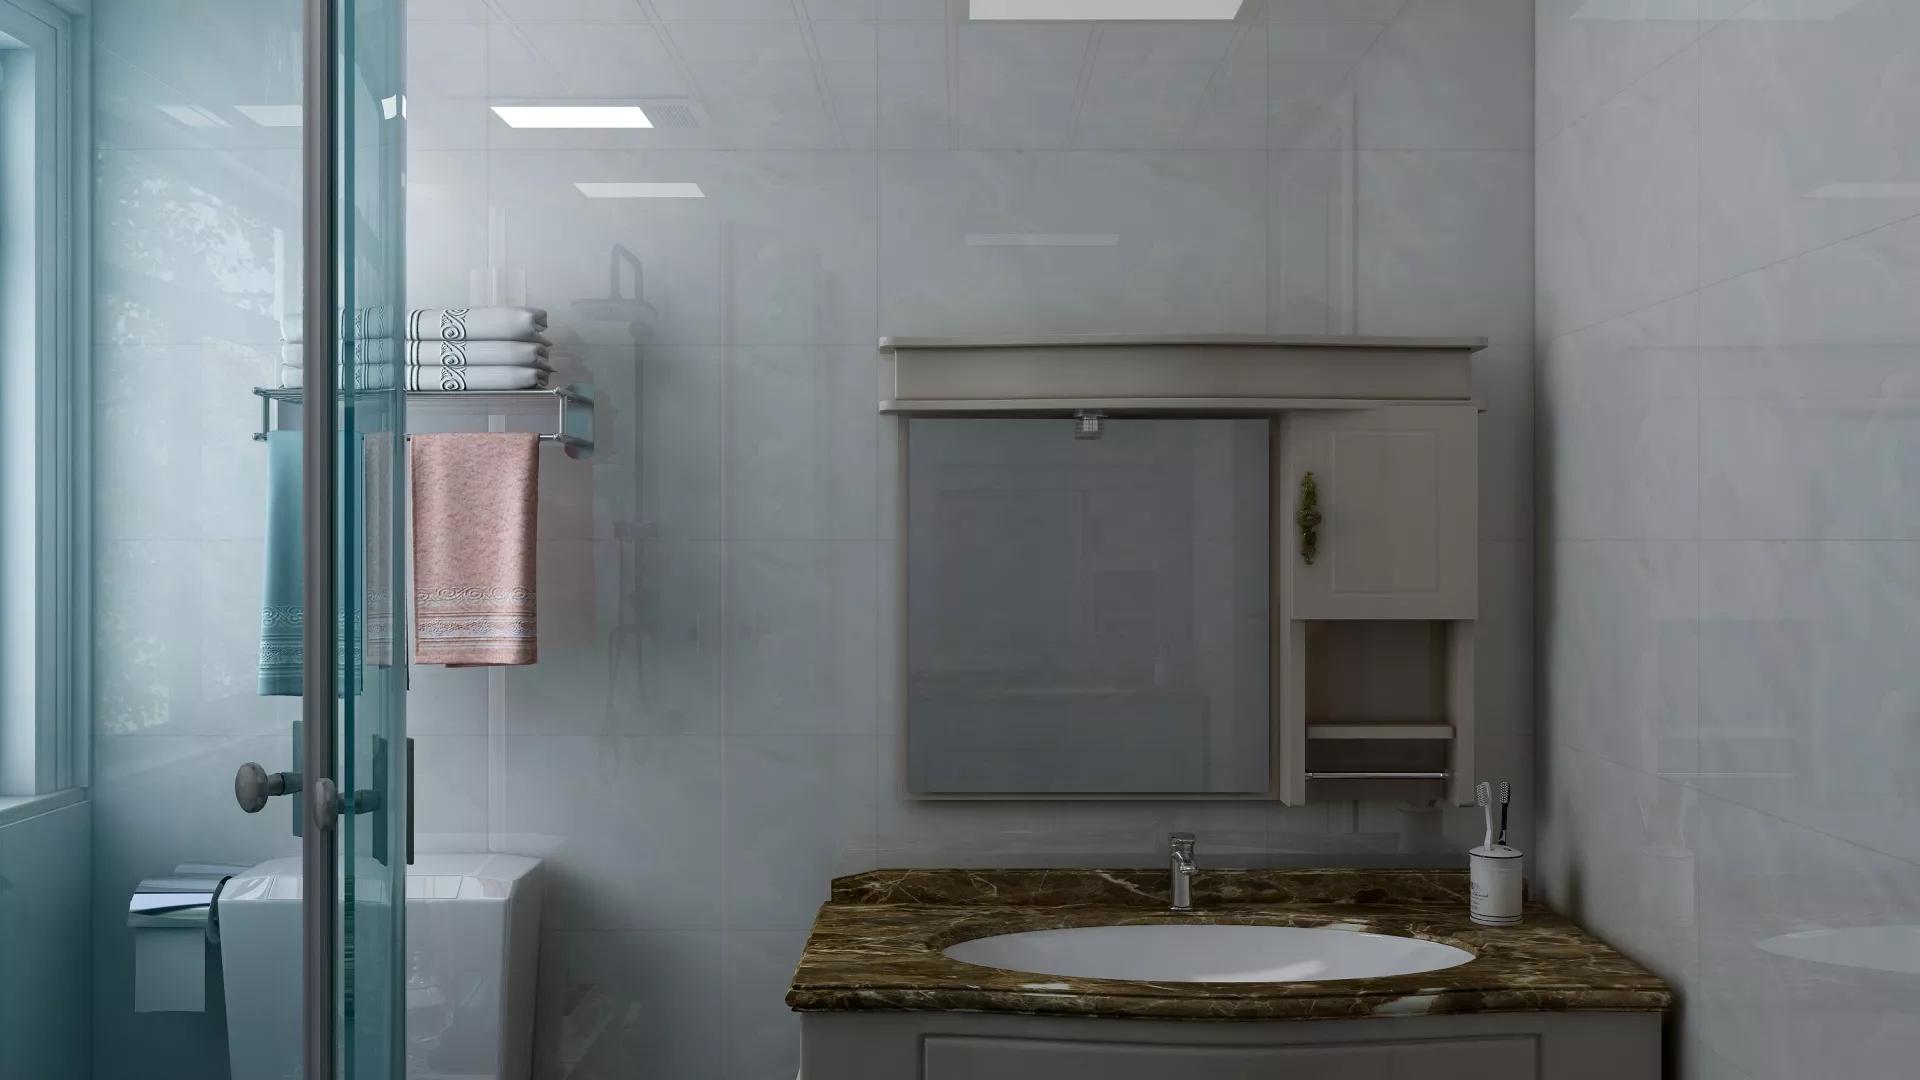 时尚现代公寓家居卧室室内隔断设计图